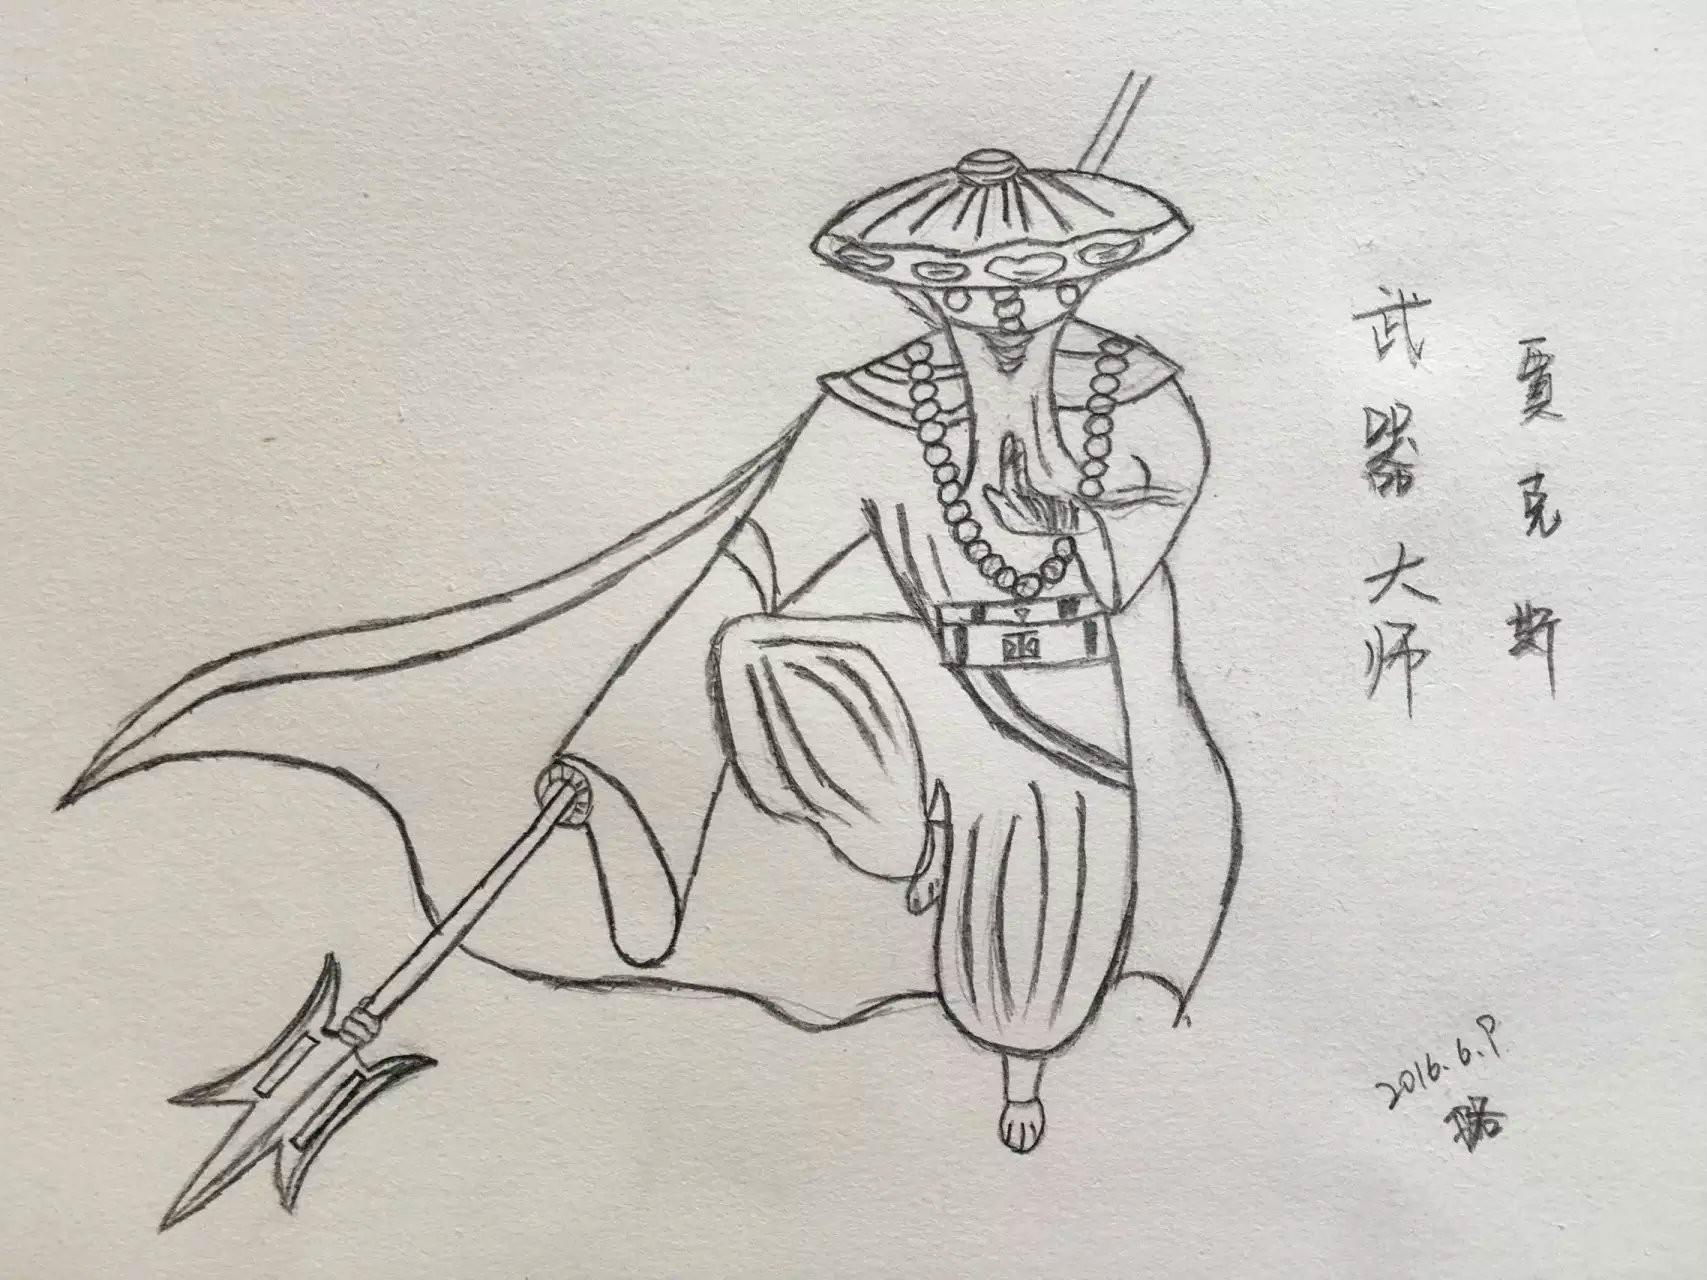 马简笔画-简笔画大全花草树木,青蛙简笔画,小动物简笔